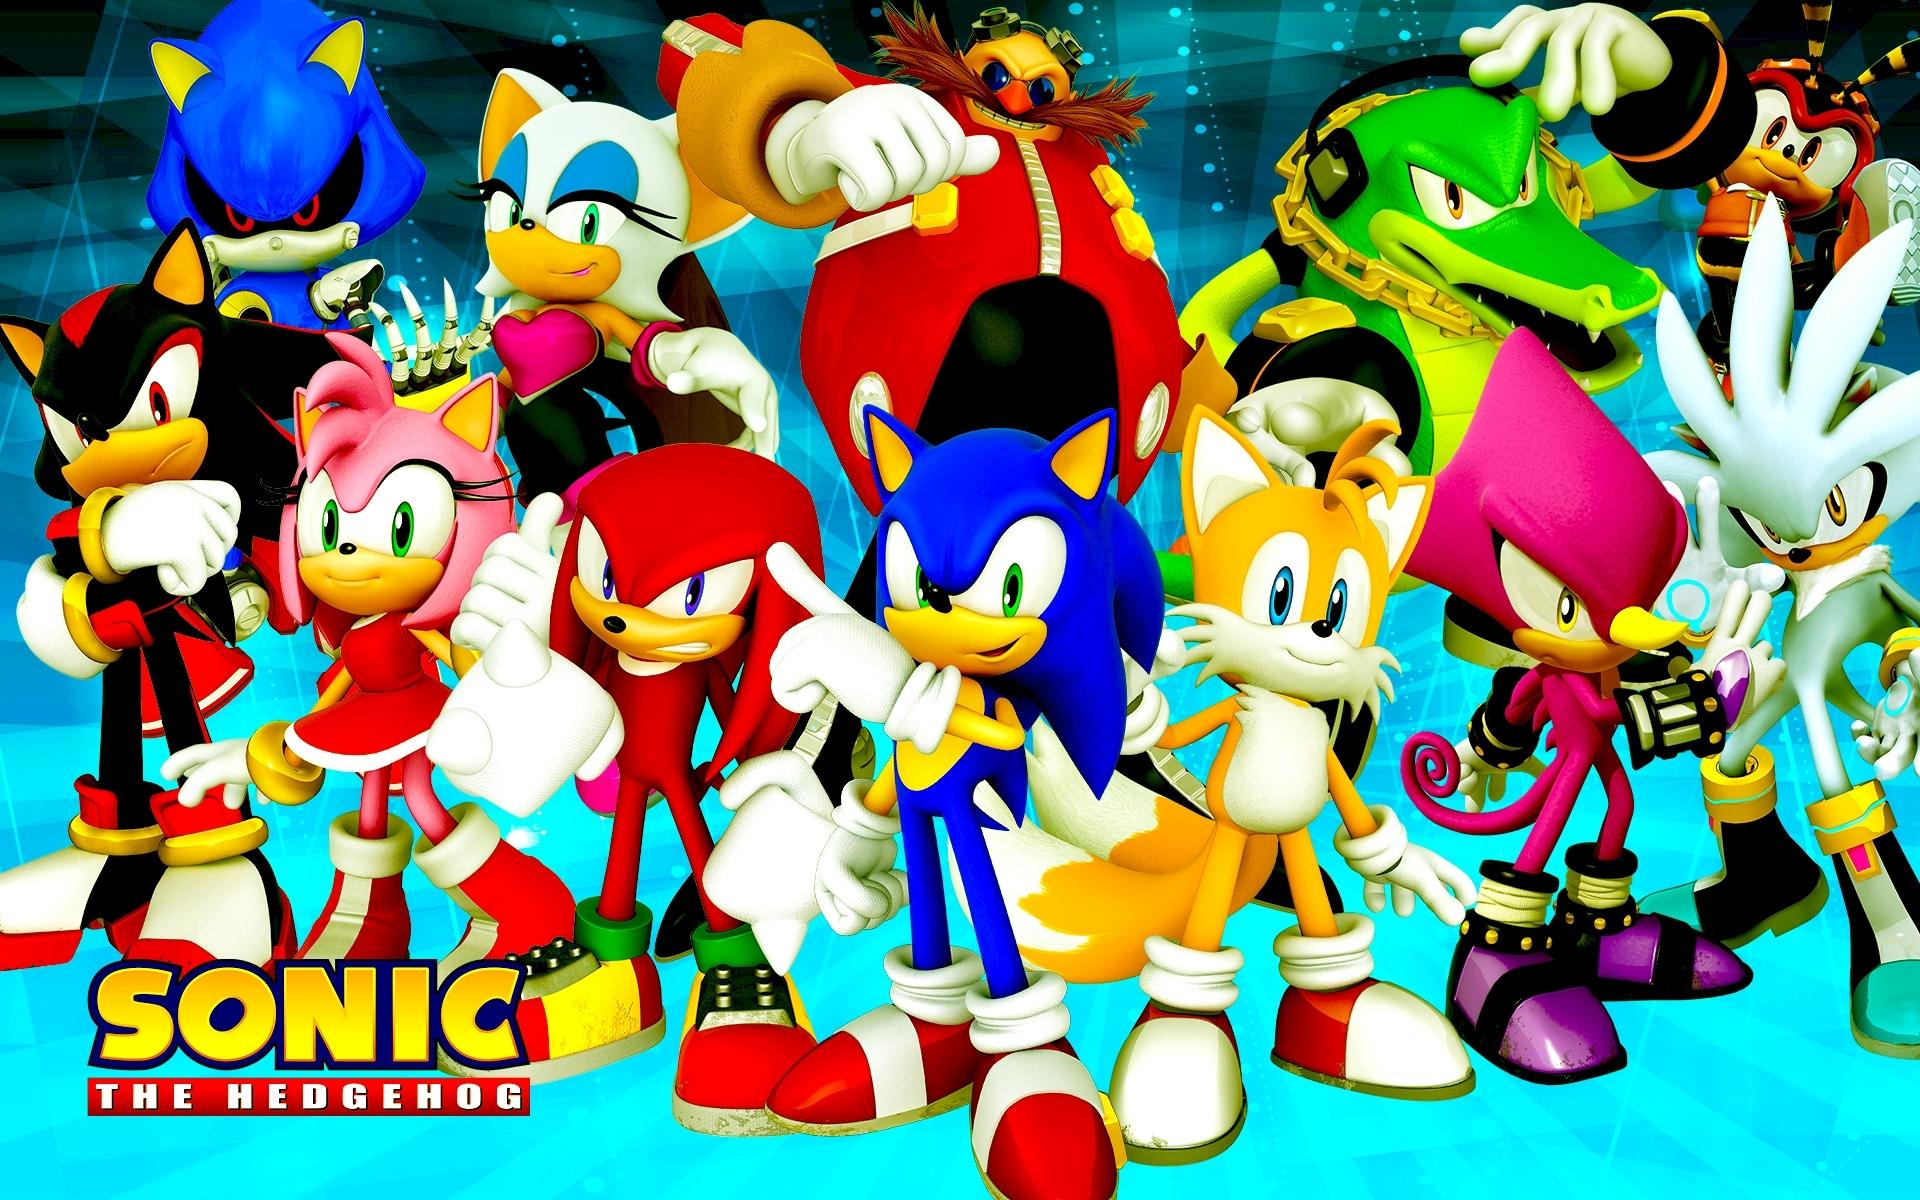 sonic the hedgehog desktop hd wallpapers 7582 - amazing wallpaperz